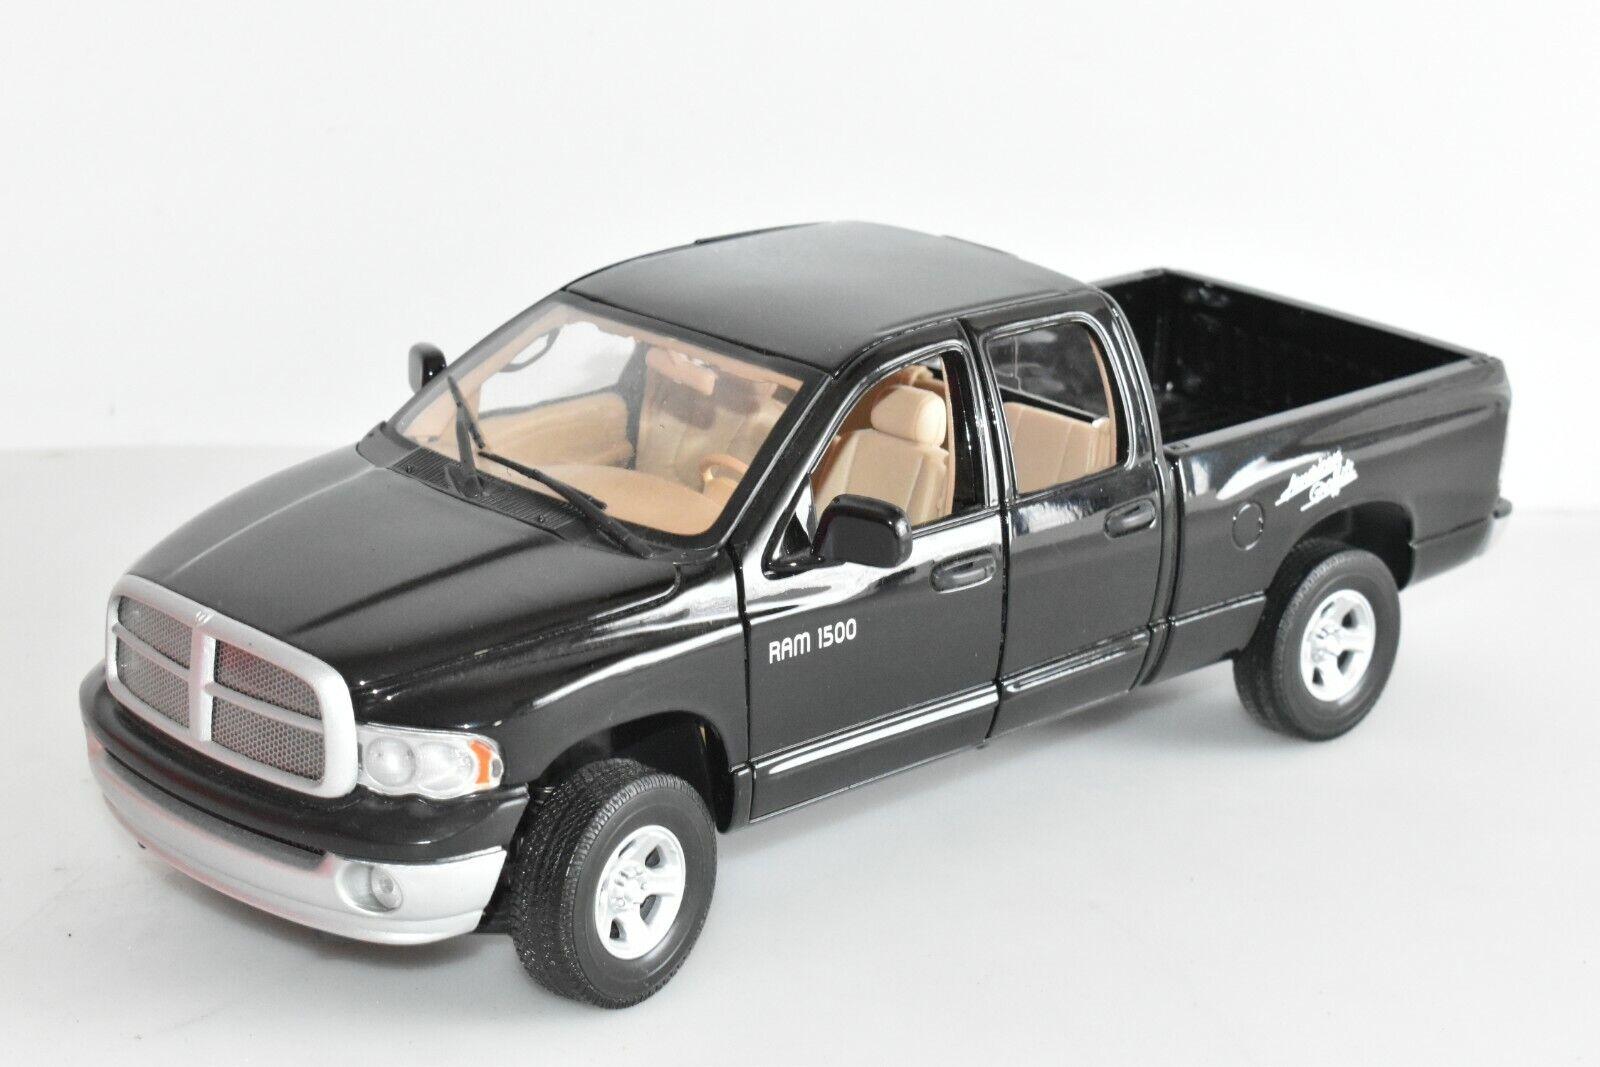 MOTOR Max DODGE RAM 1500 Nero 1 18 senza imbtuttiaggios3